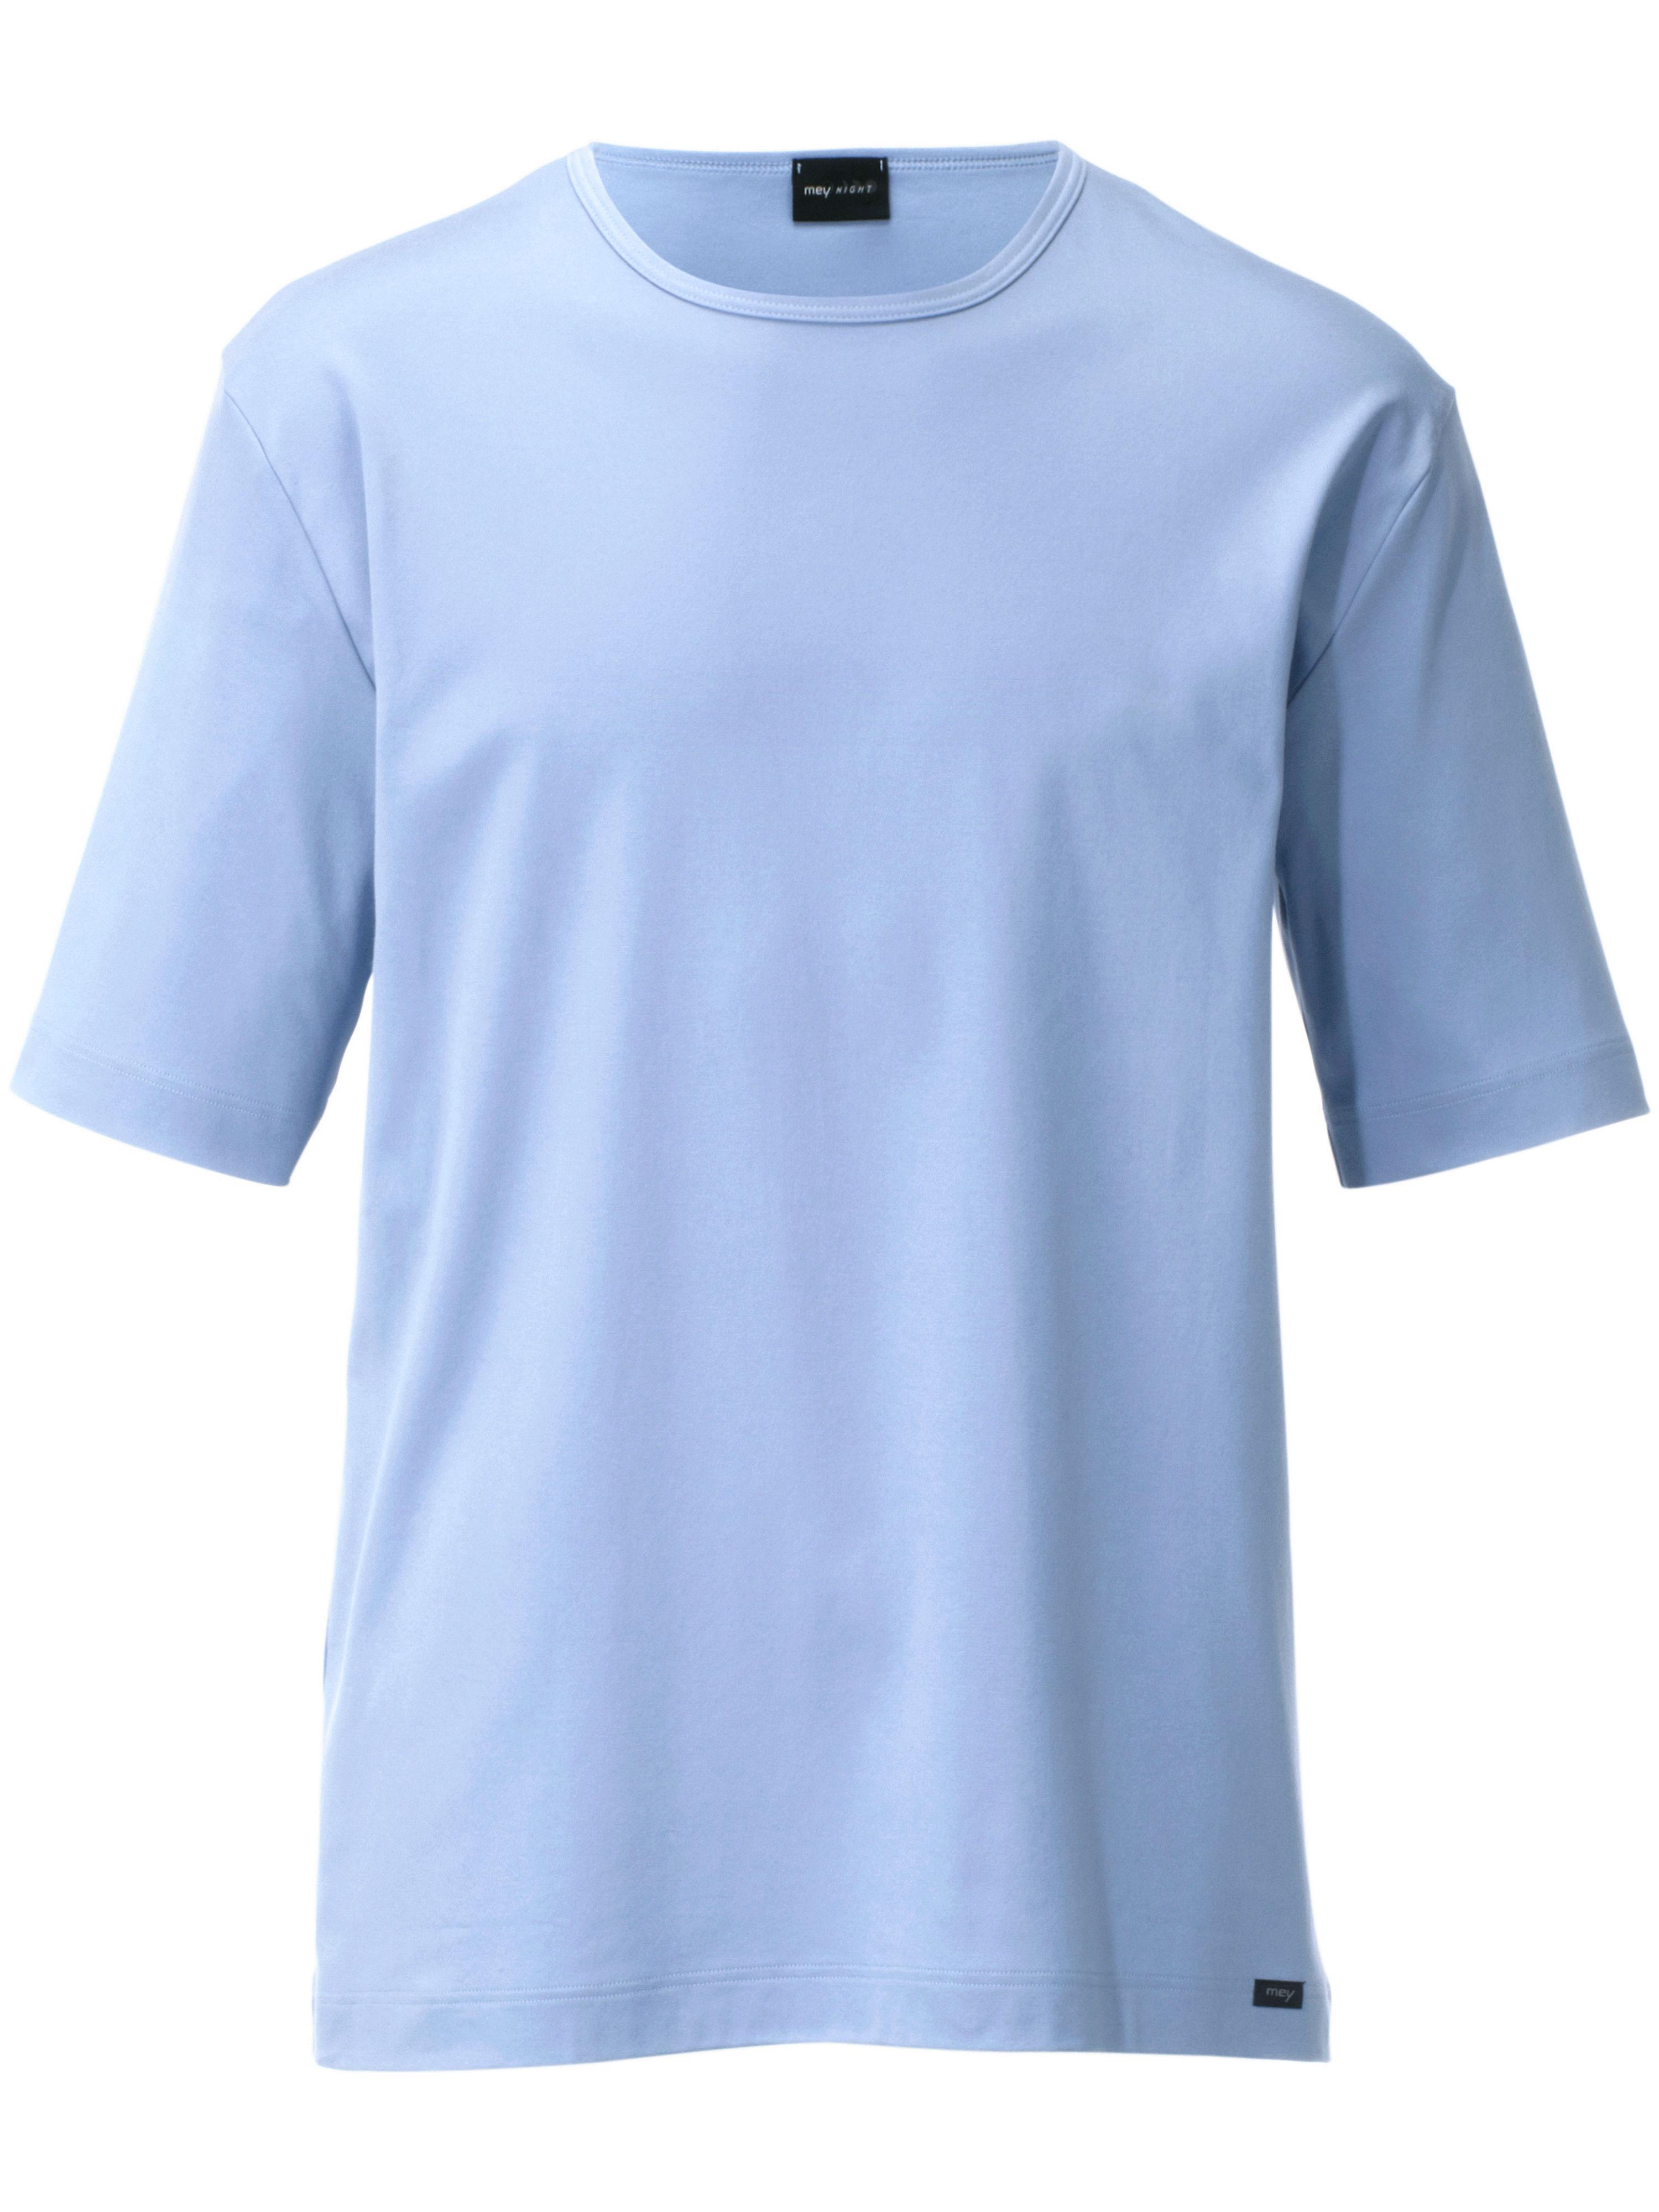 Shirt Van Mey blauw